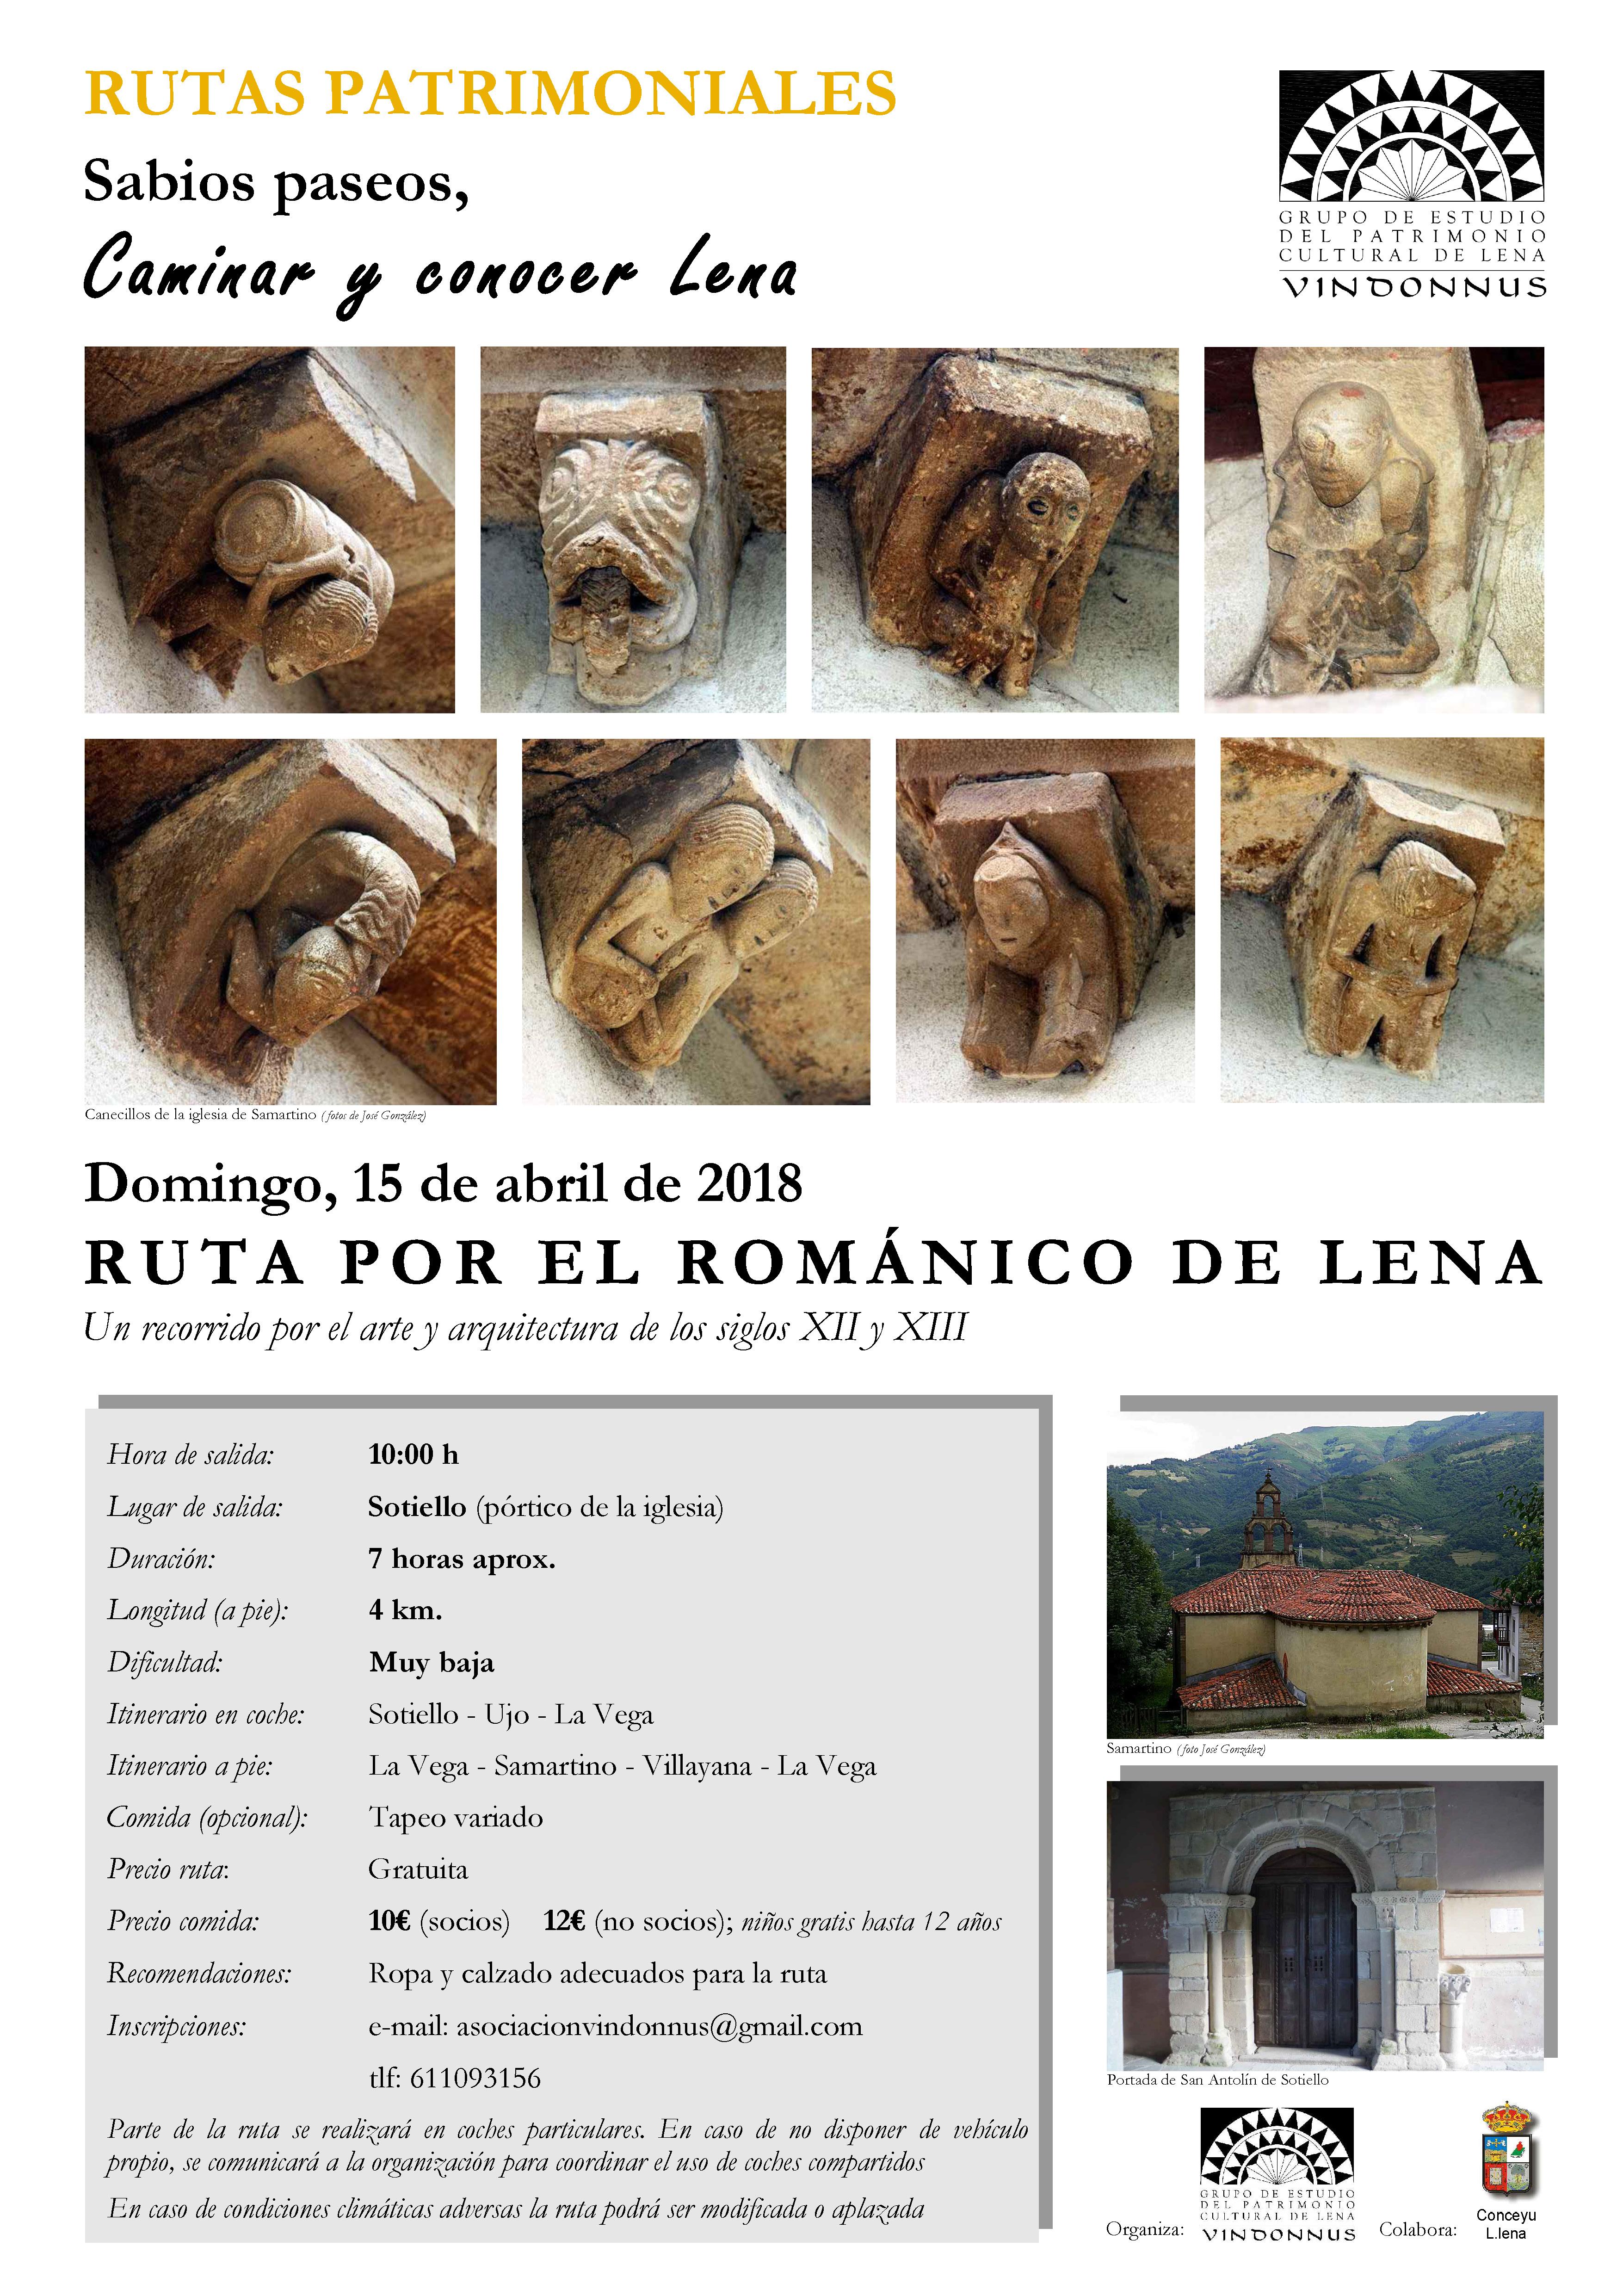 Ruta del románico de Lena